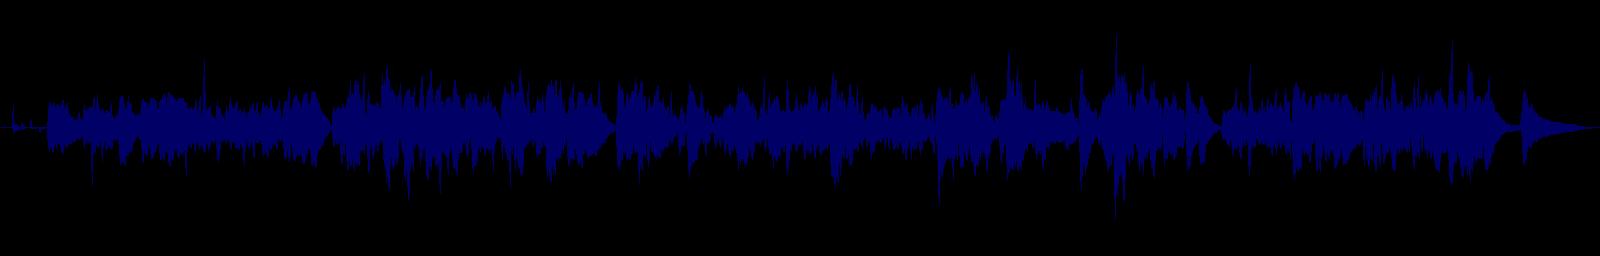 waveform of track #142927